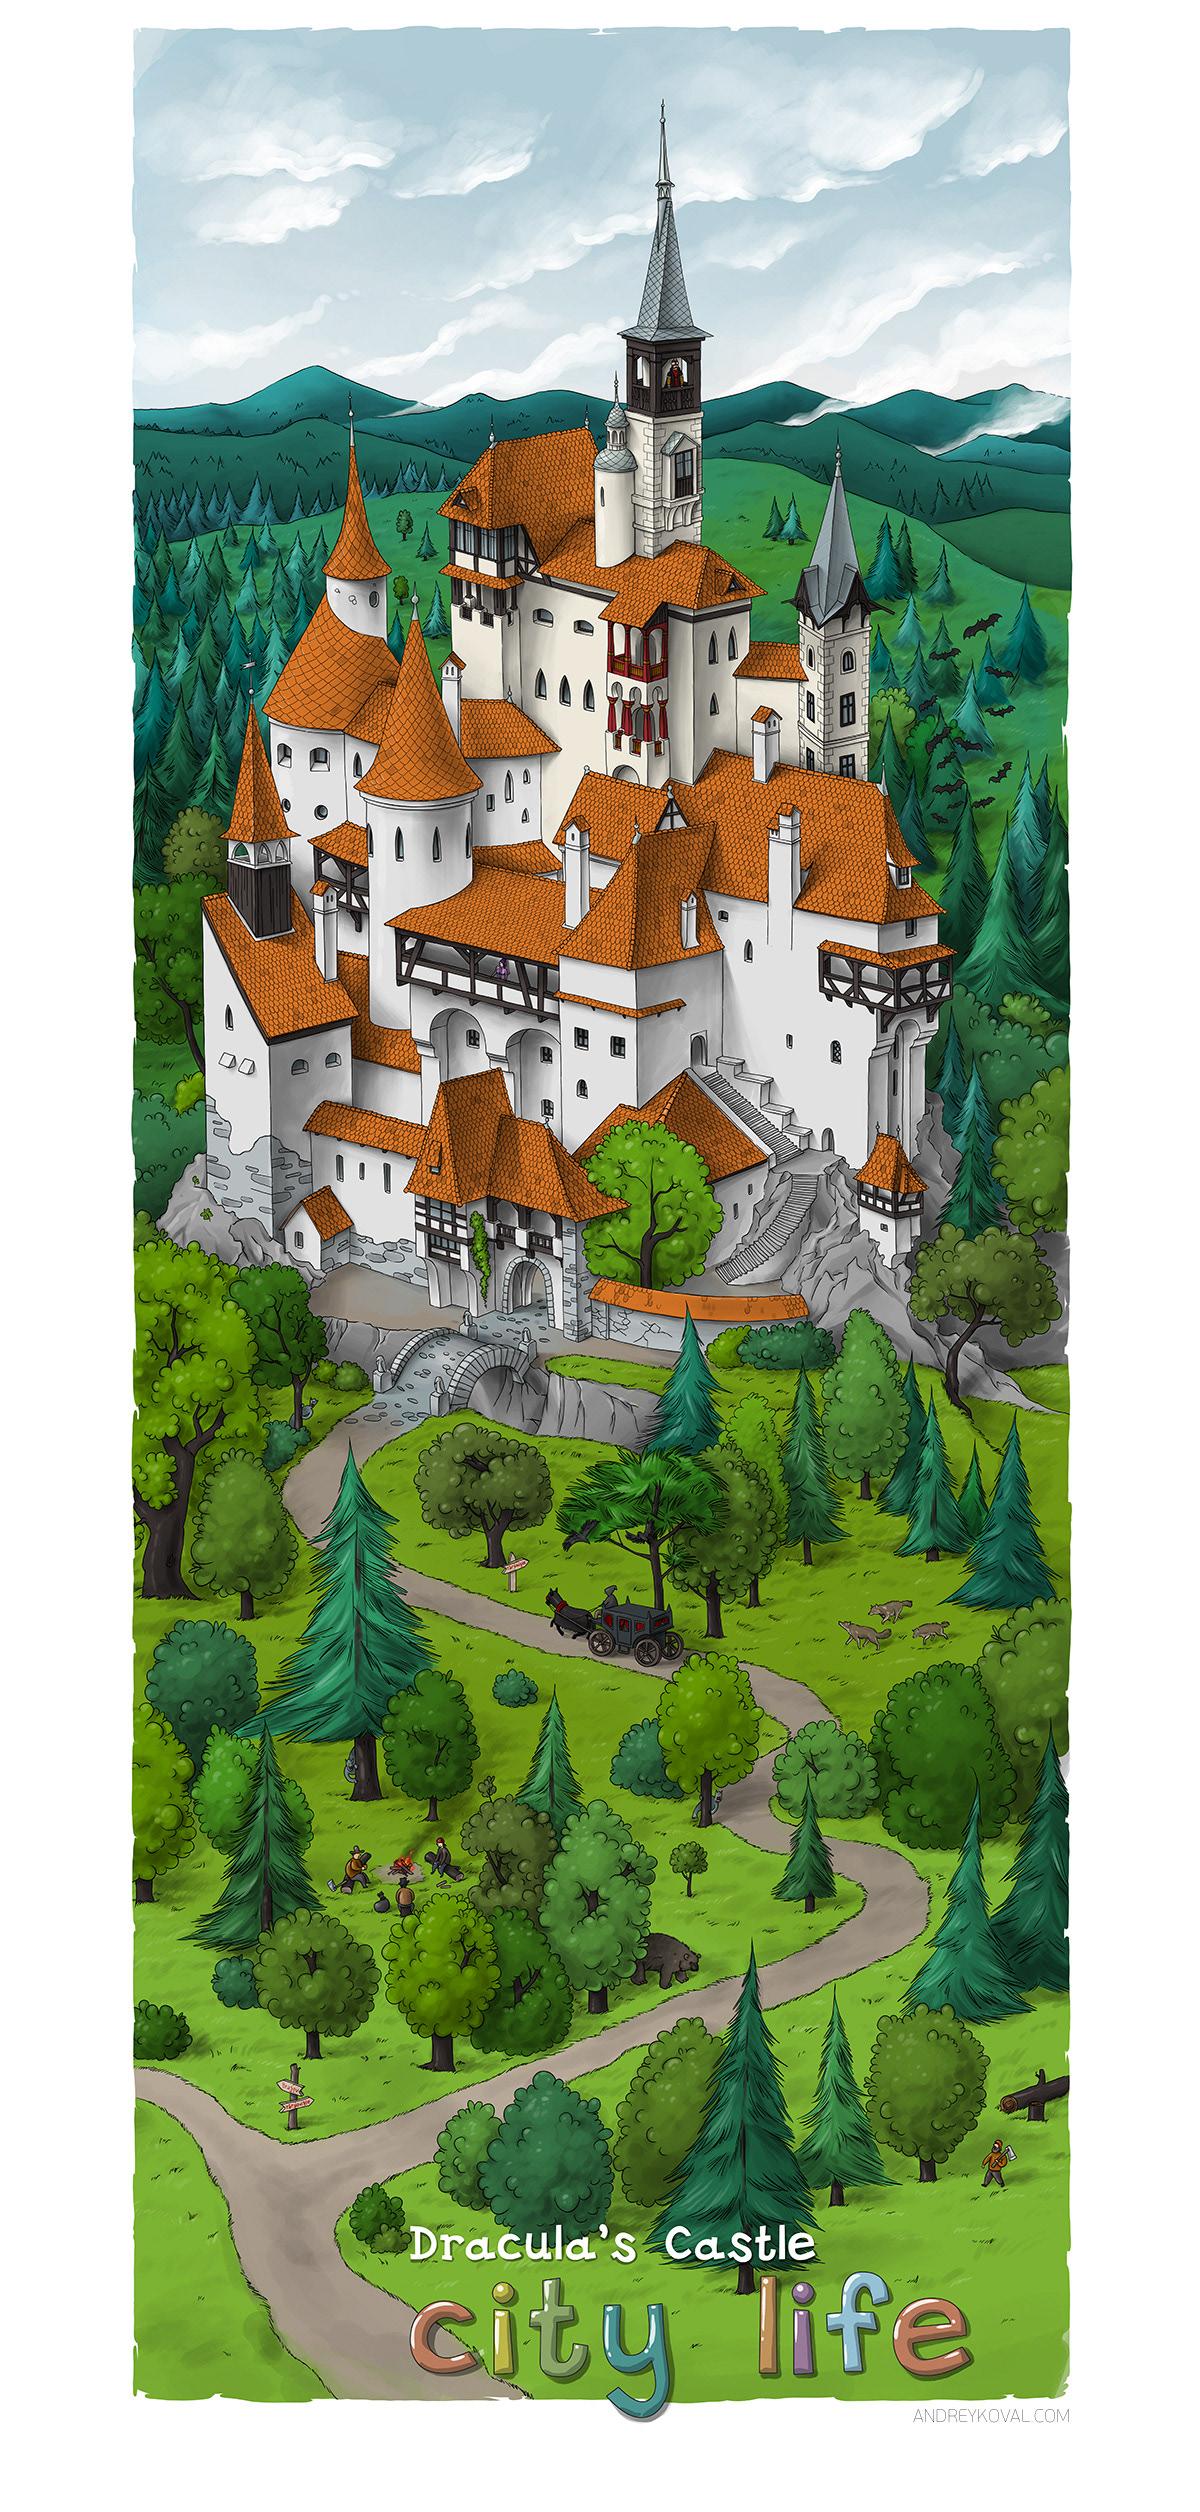 City life. Draculas Castle